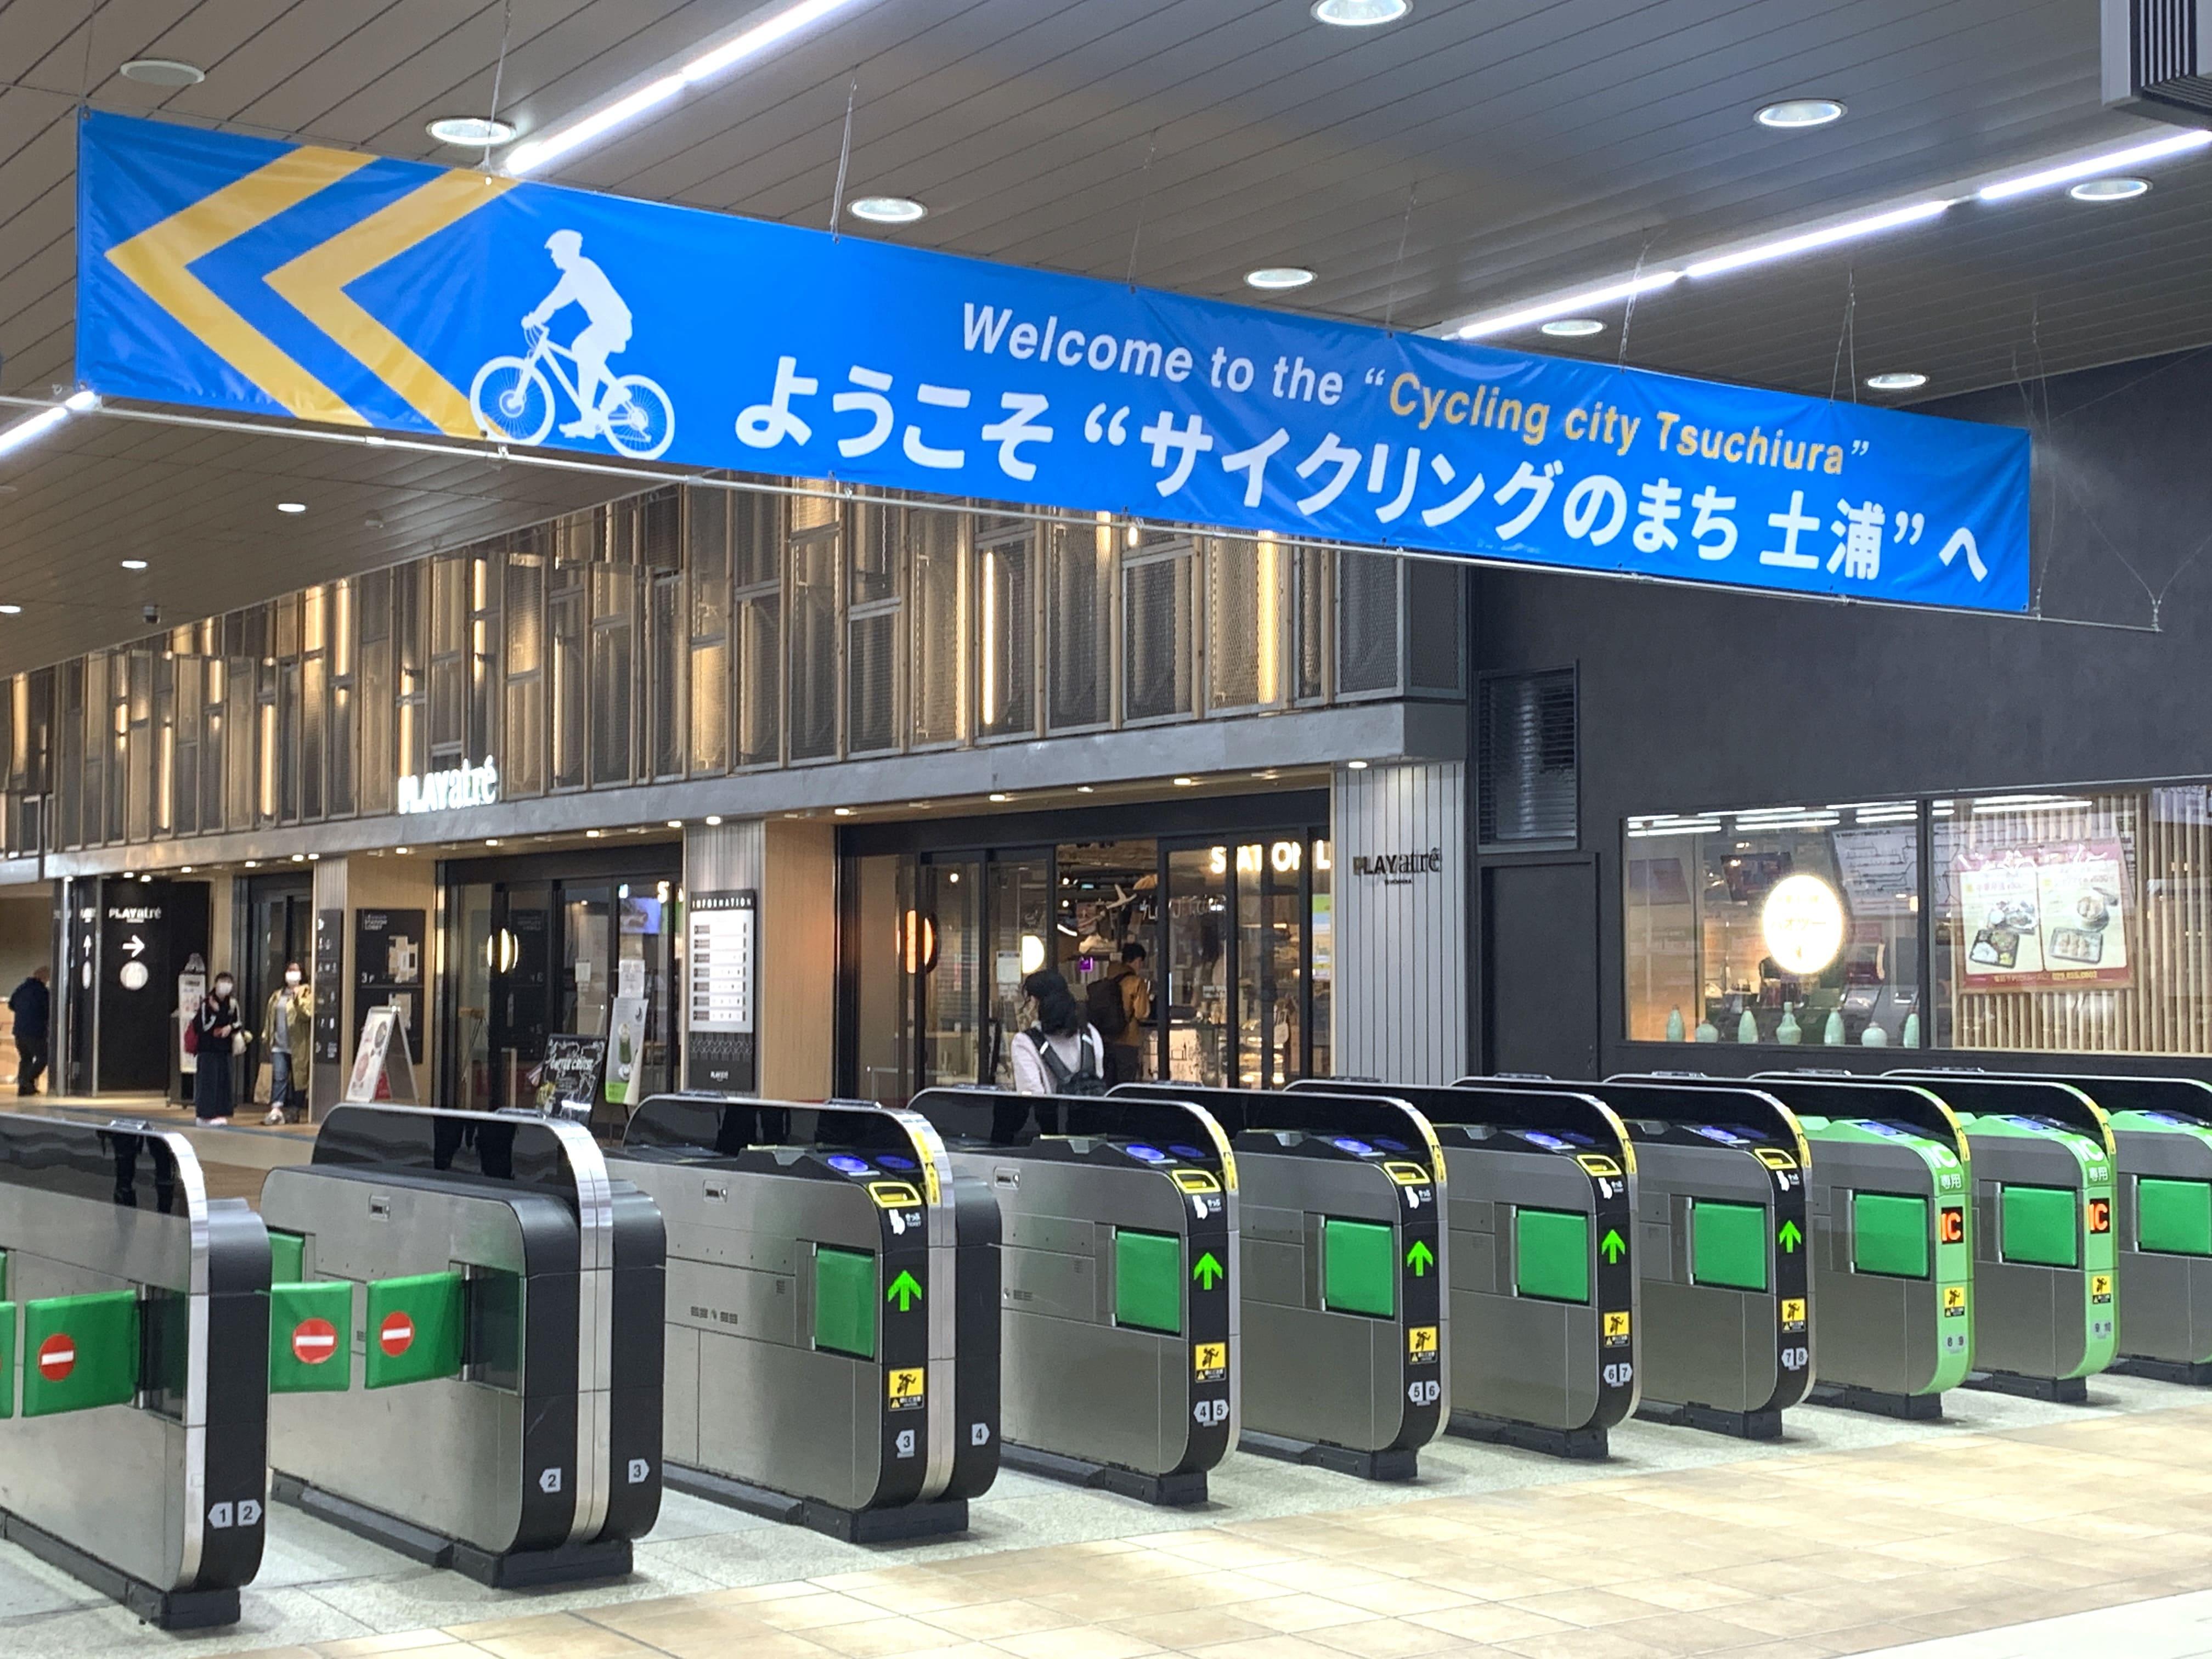 土浦駅改札に「ようこそサイクリングのまち土浦へ」の歓迎幕